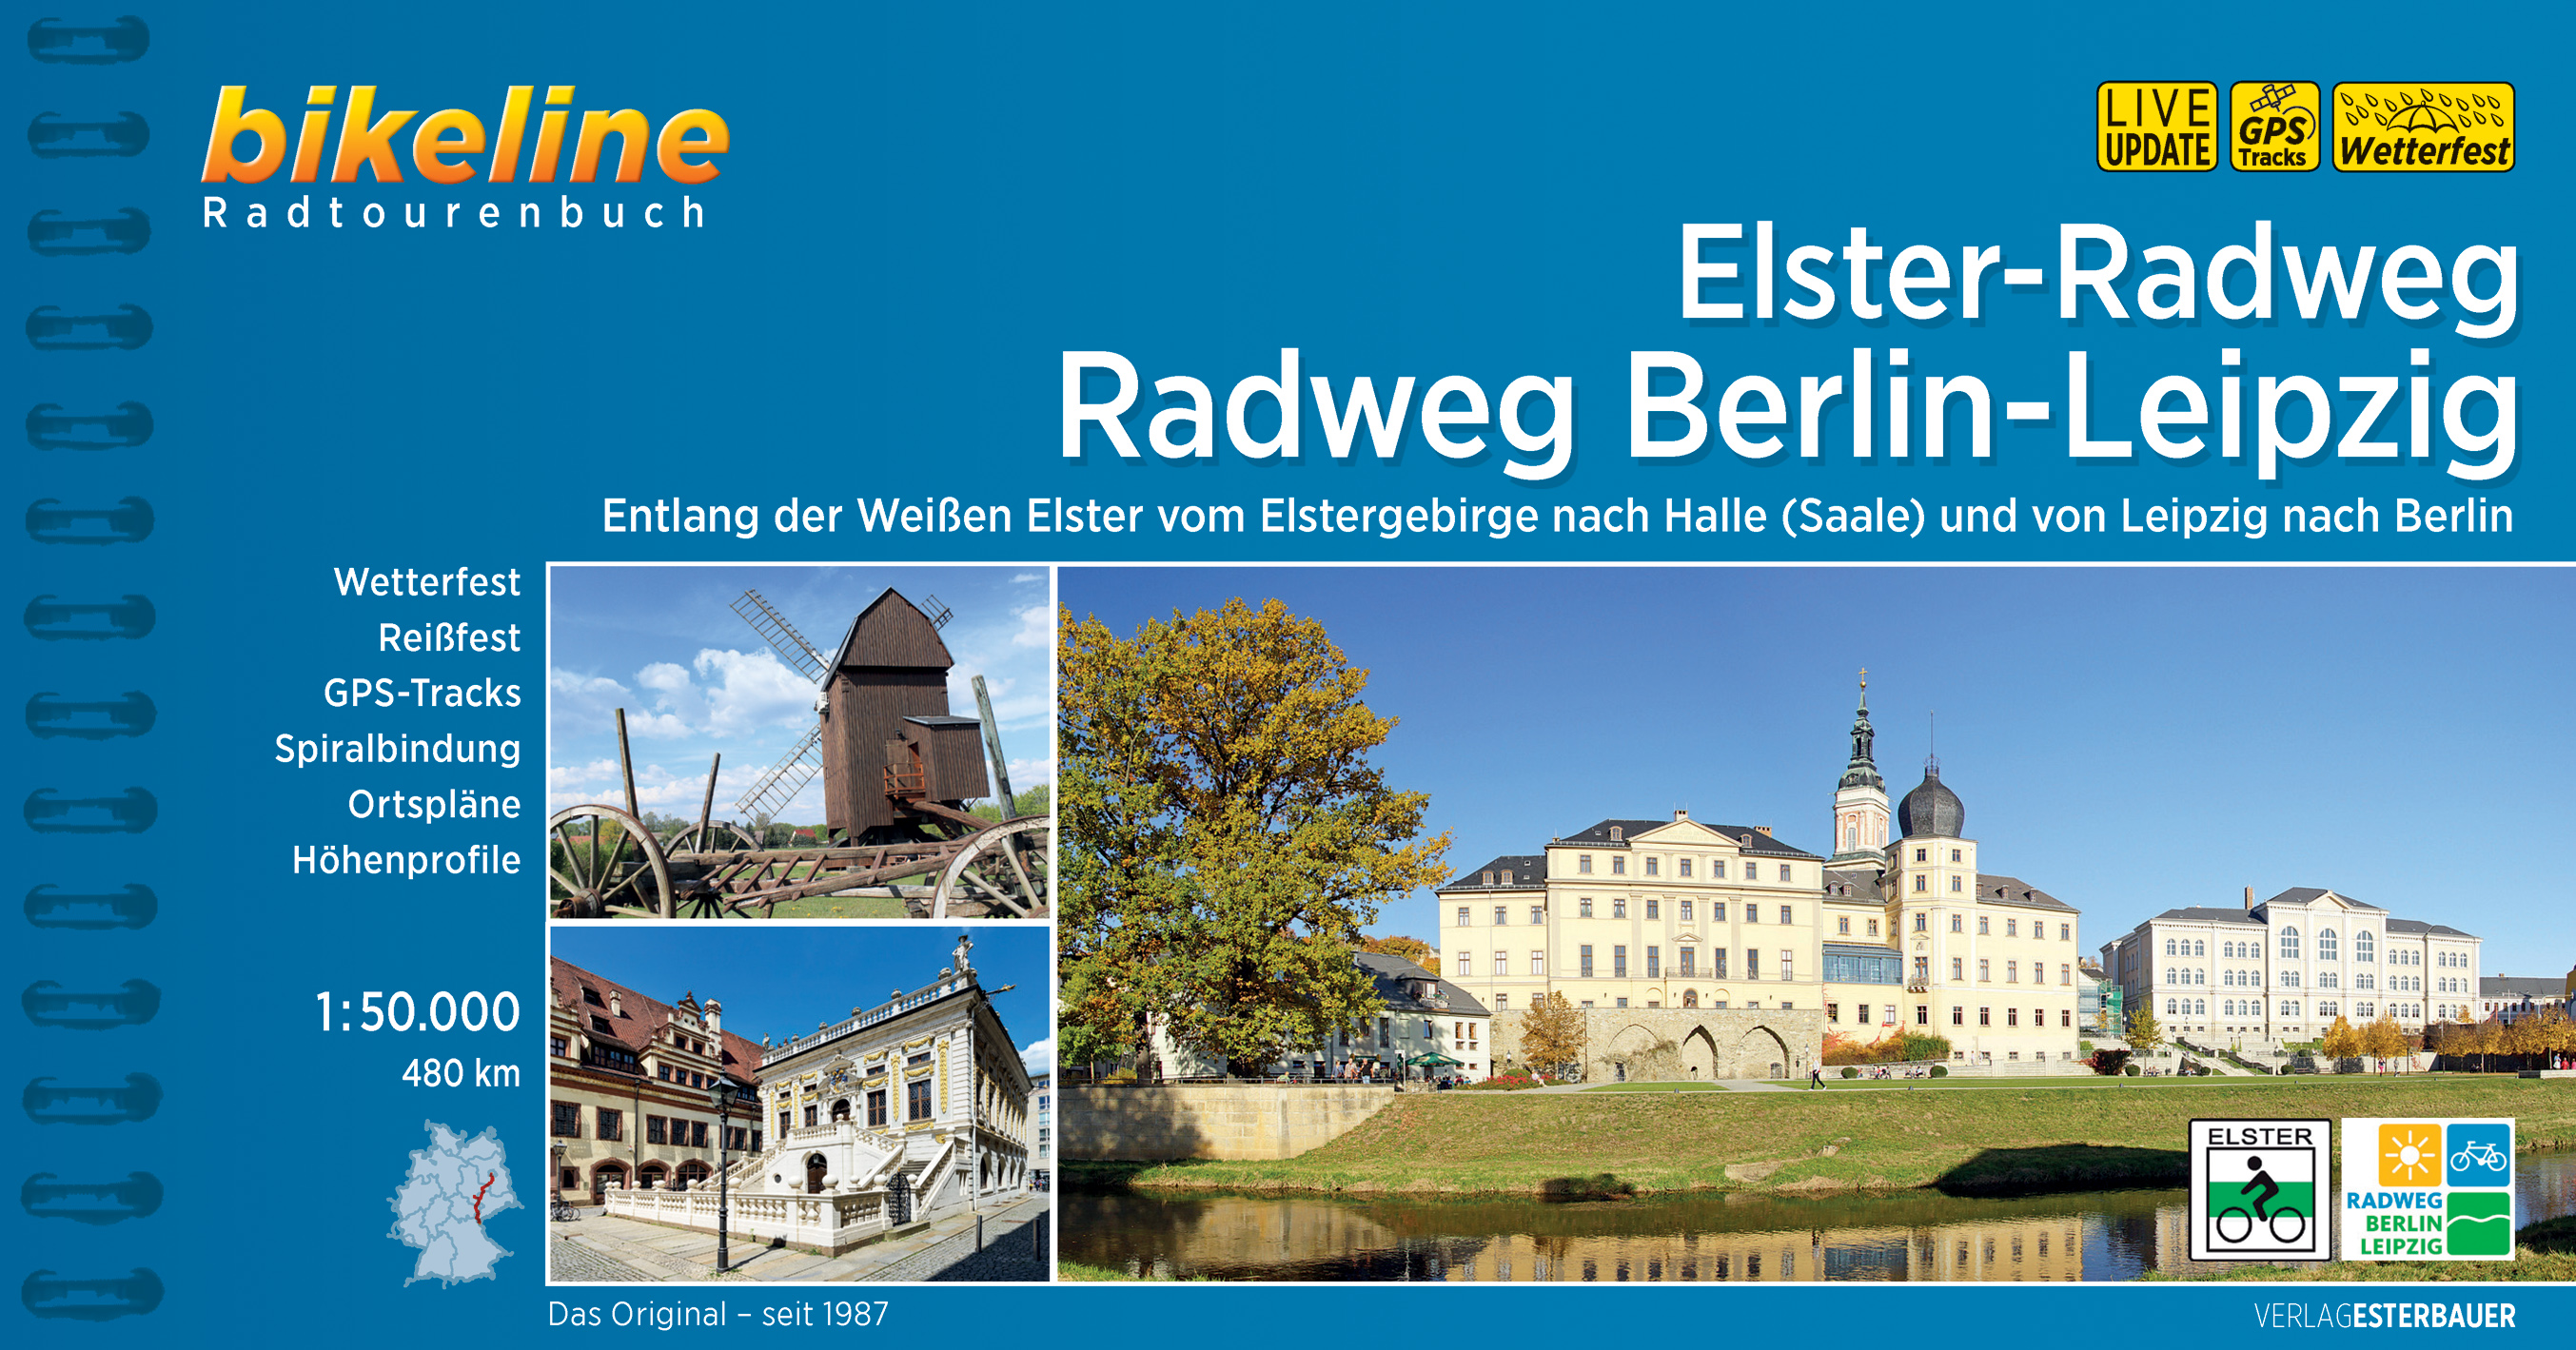 Fietsgids Bikeline Elster-Radweg Berlin - Leipzig   Esterbauer